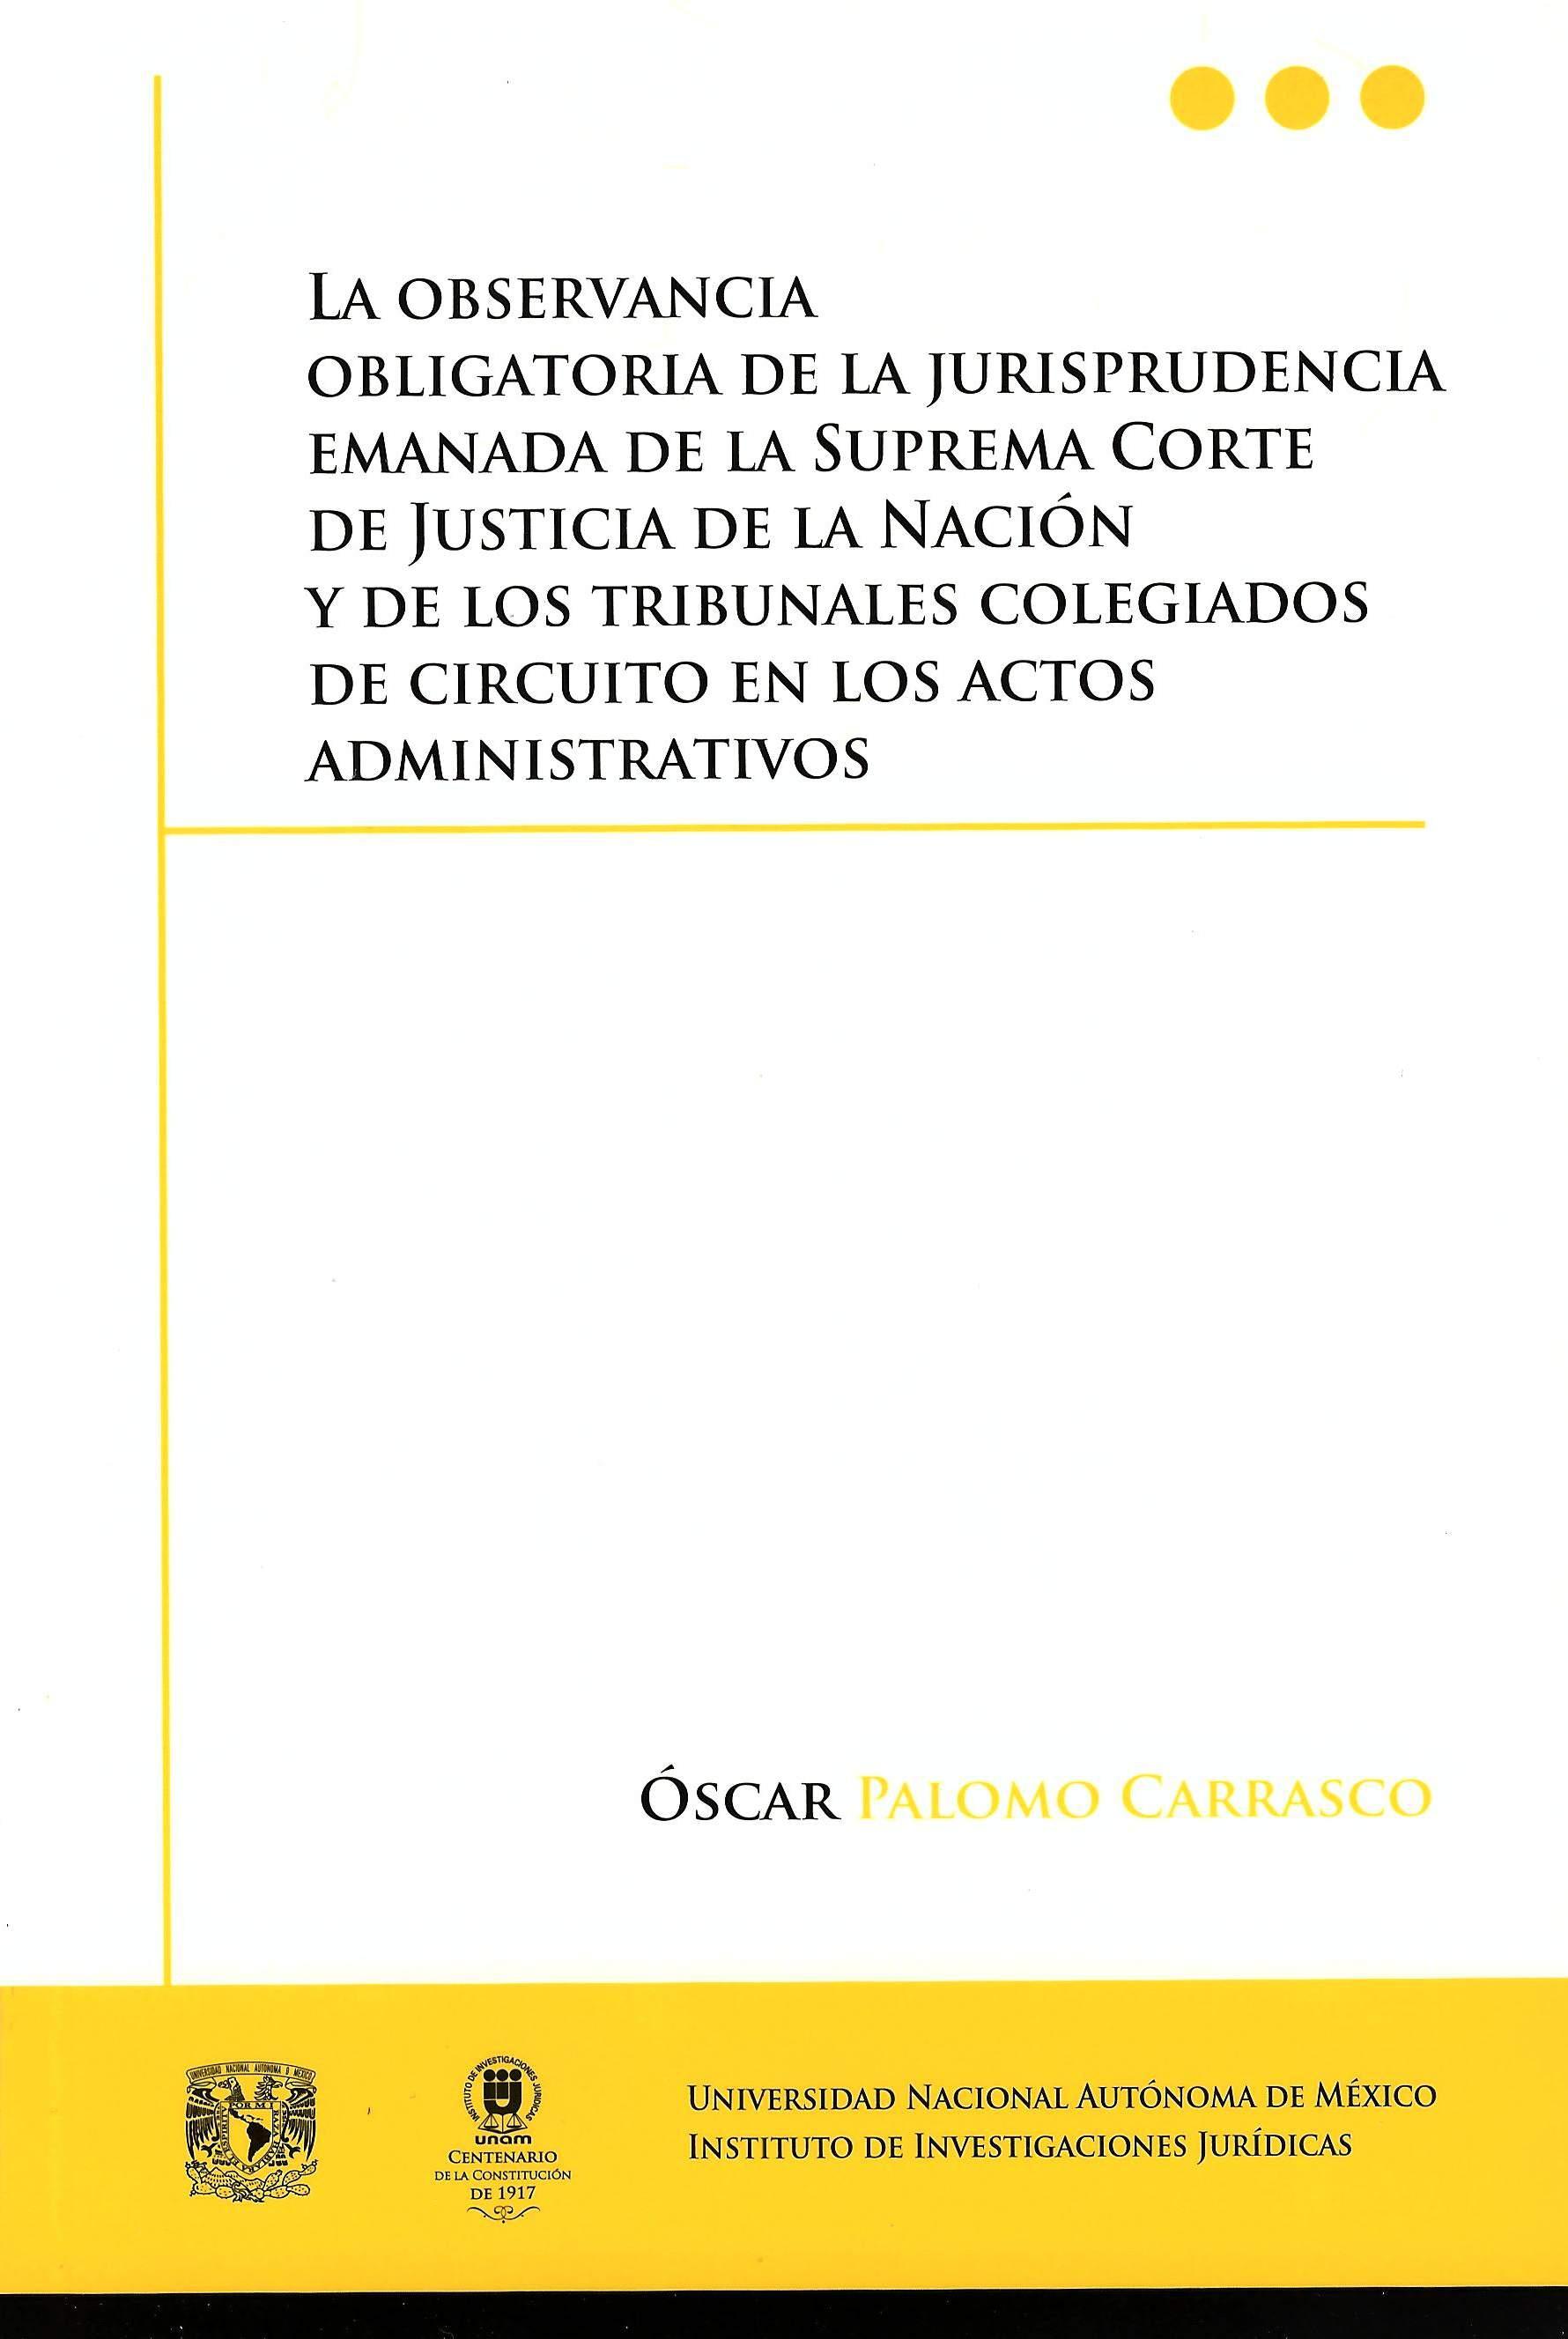 La observancia obligatoria de la jurisprudencia emanada de la Suprema Corte de Justicia de la Nación y de los tribunales colegiados de circuito en los actos administrativos